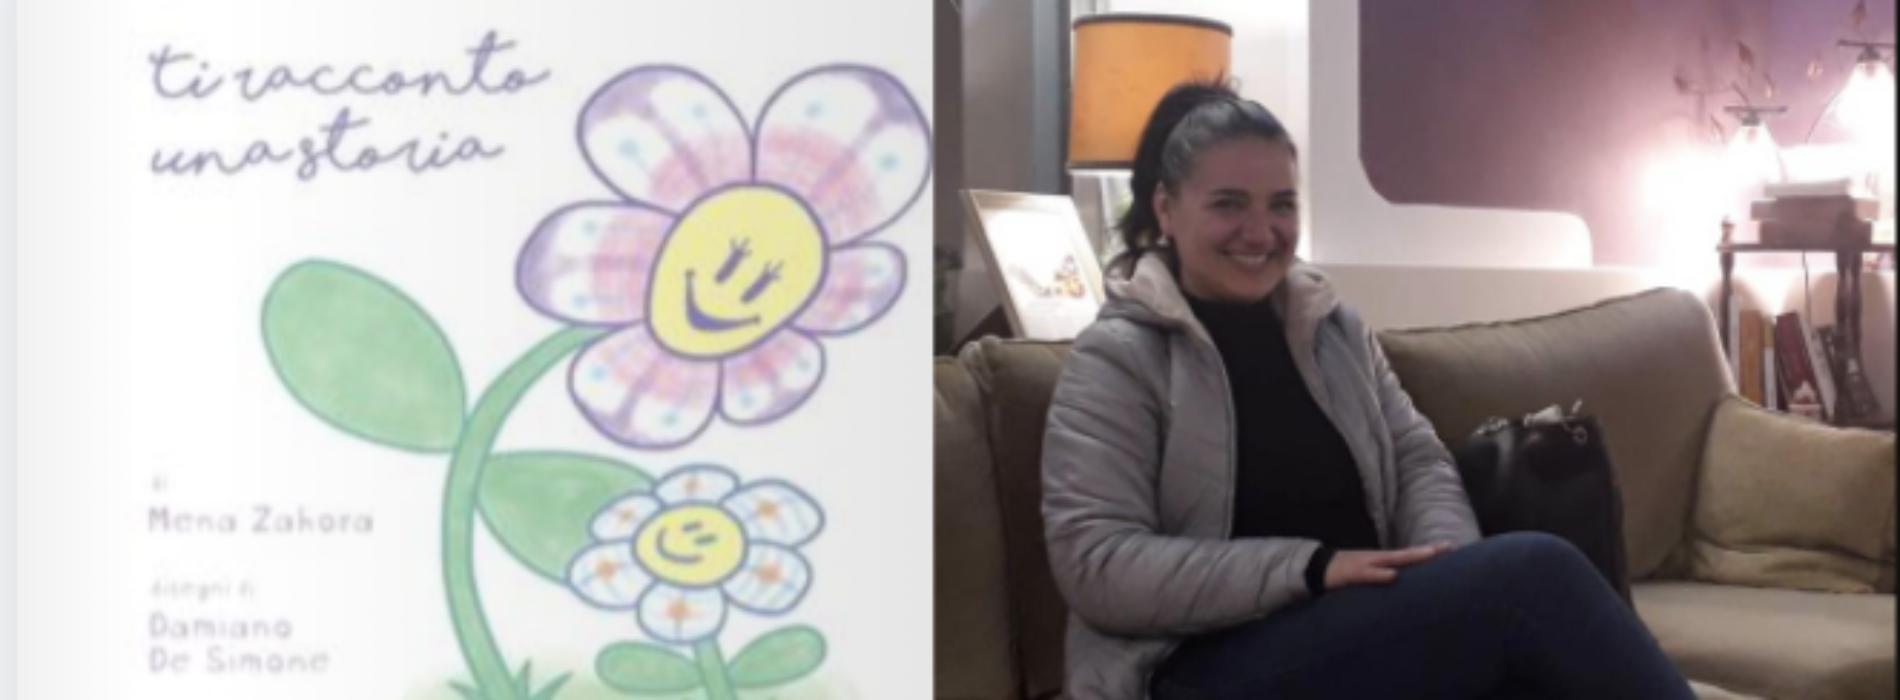 Ti racconto una storia, il libro per bambini di Mena Zehora